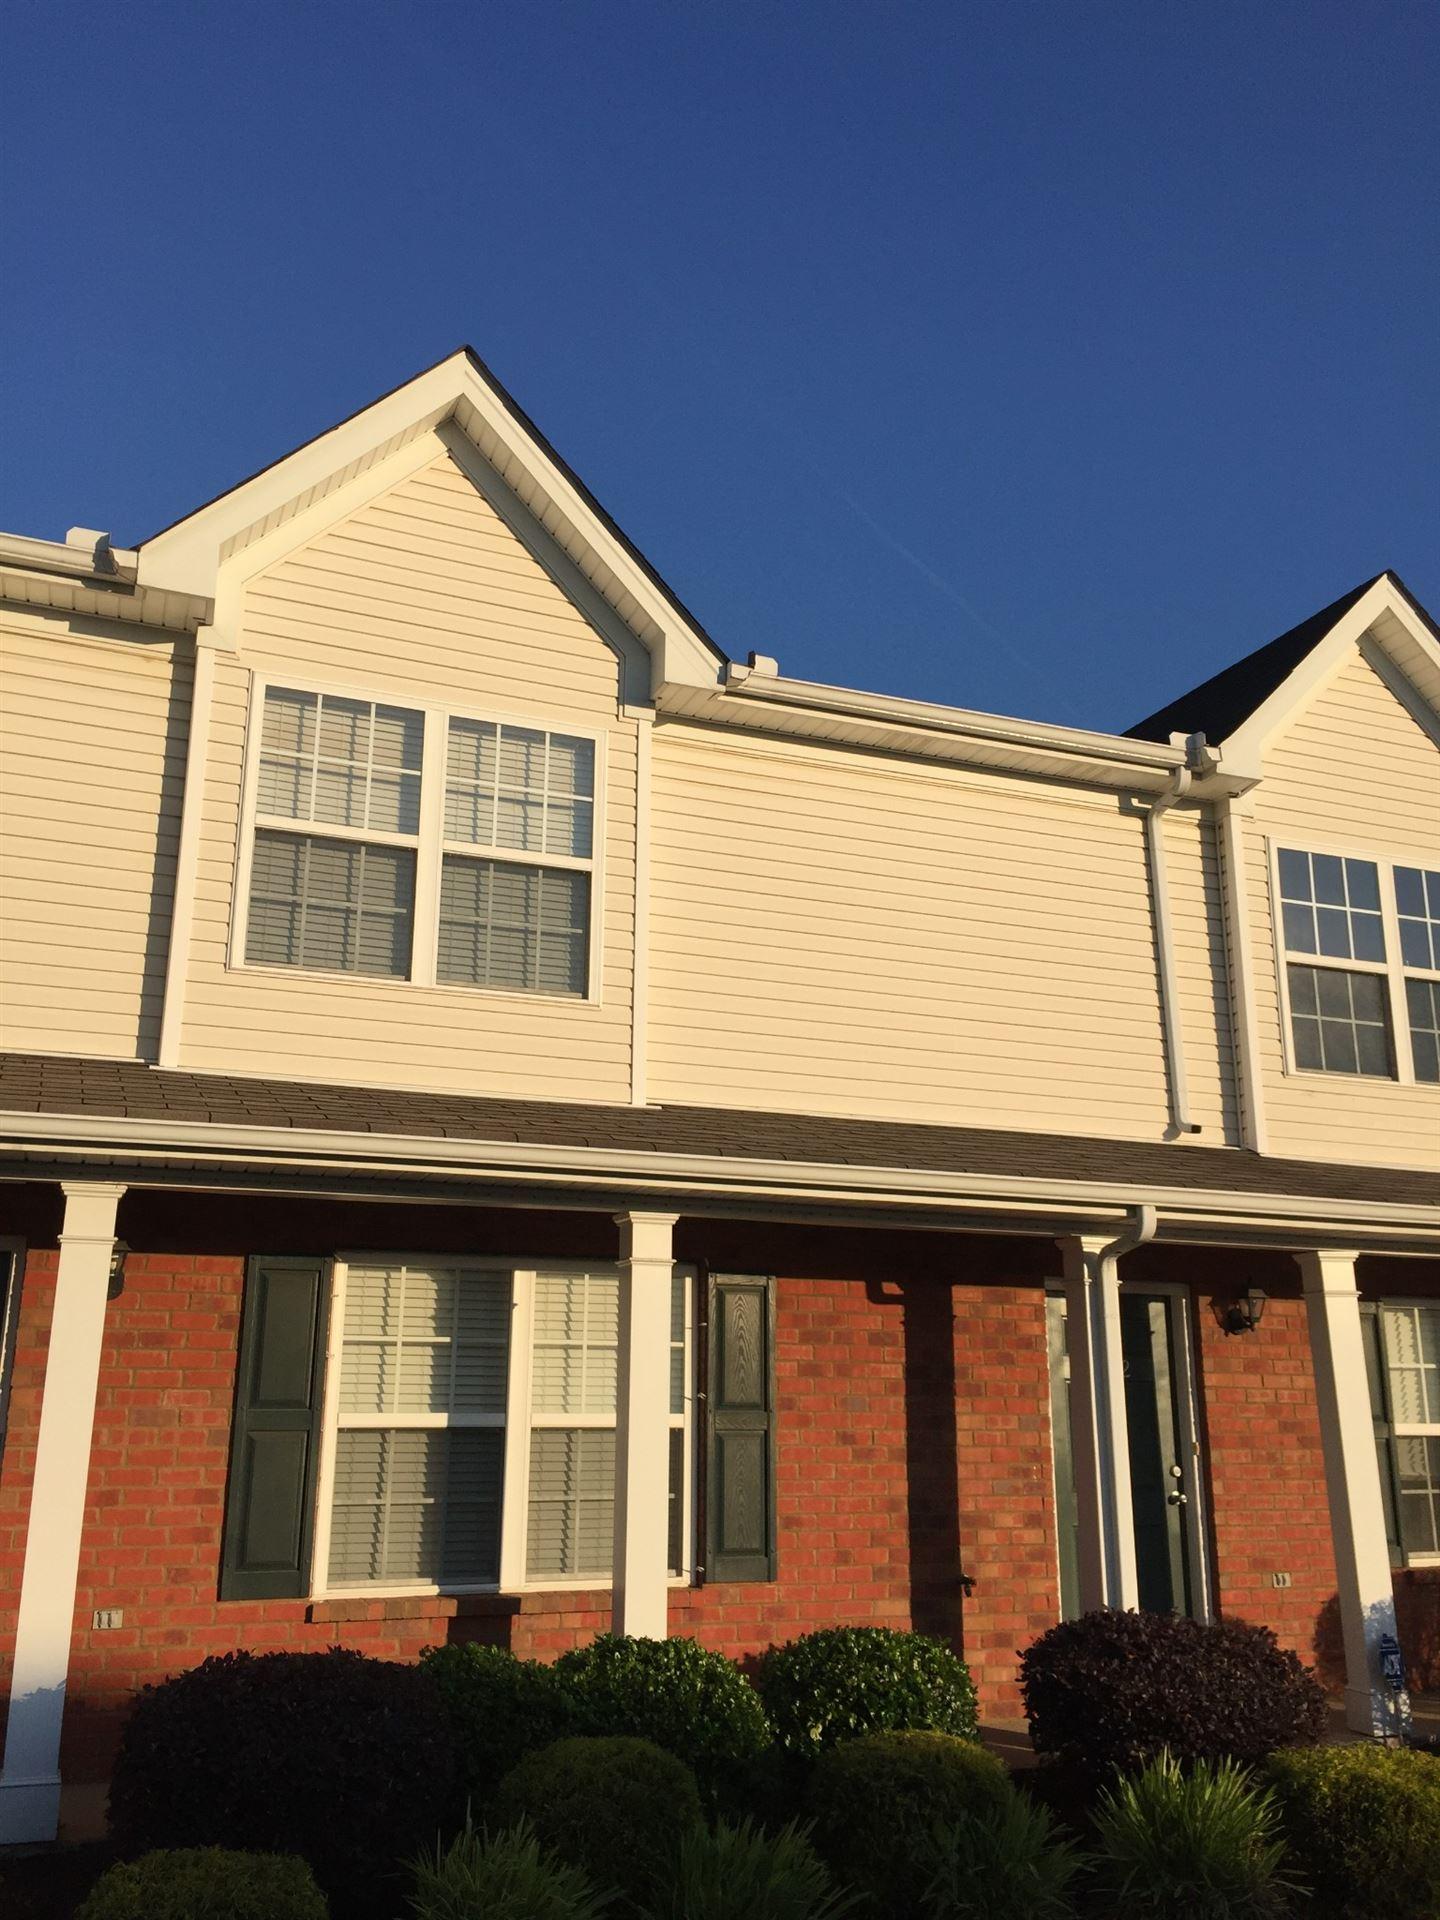 Photo of 3134 Prater Ct, Murfreesboro, TN 37128 (MLS # 2229098)